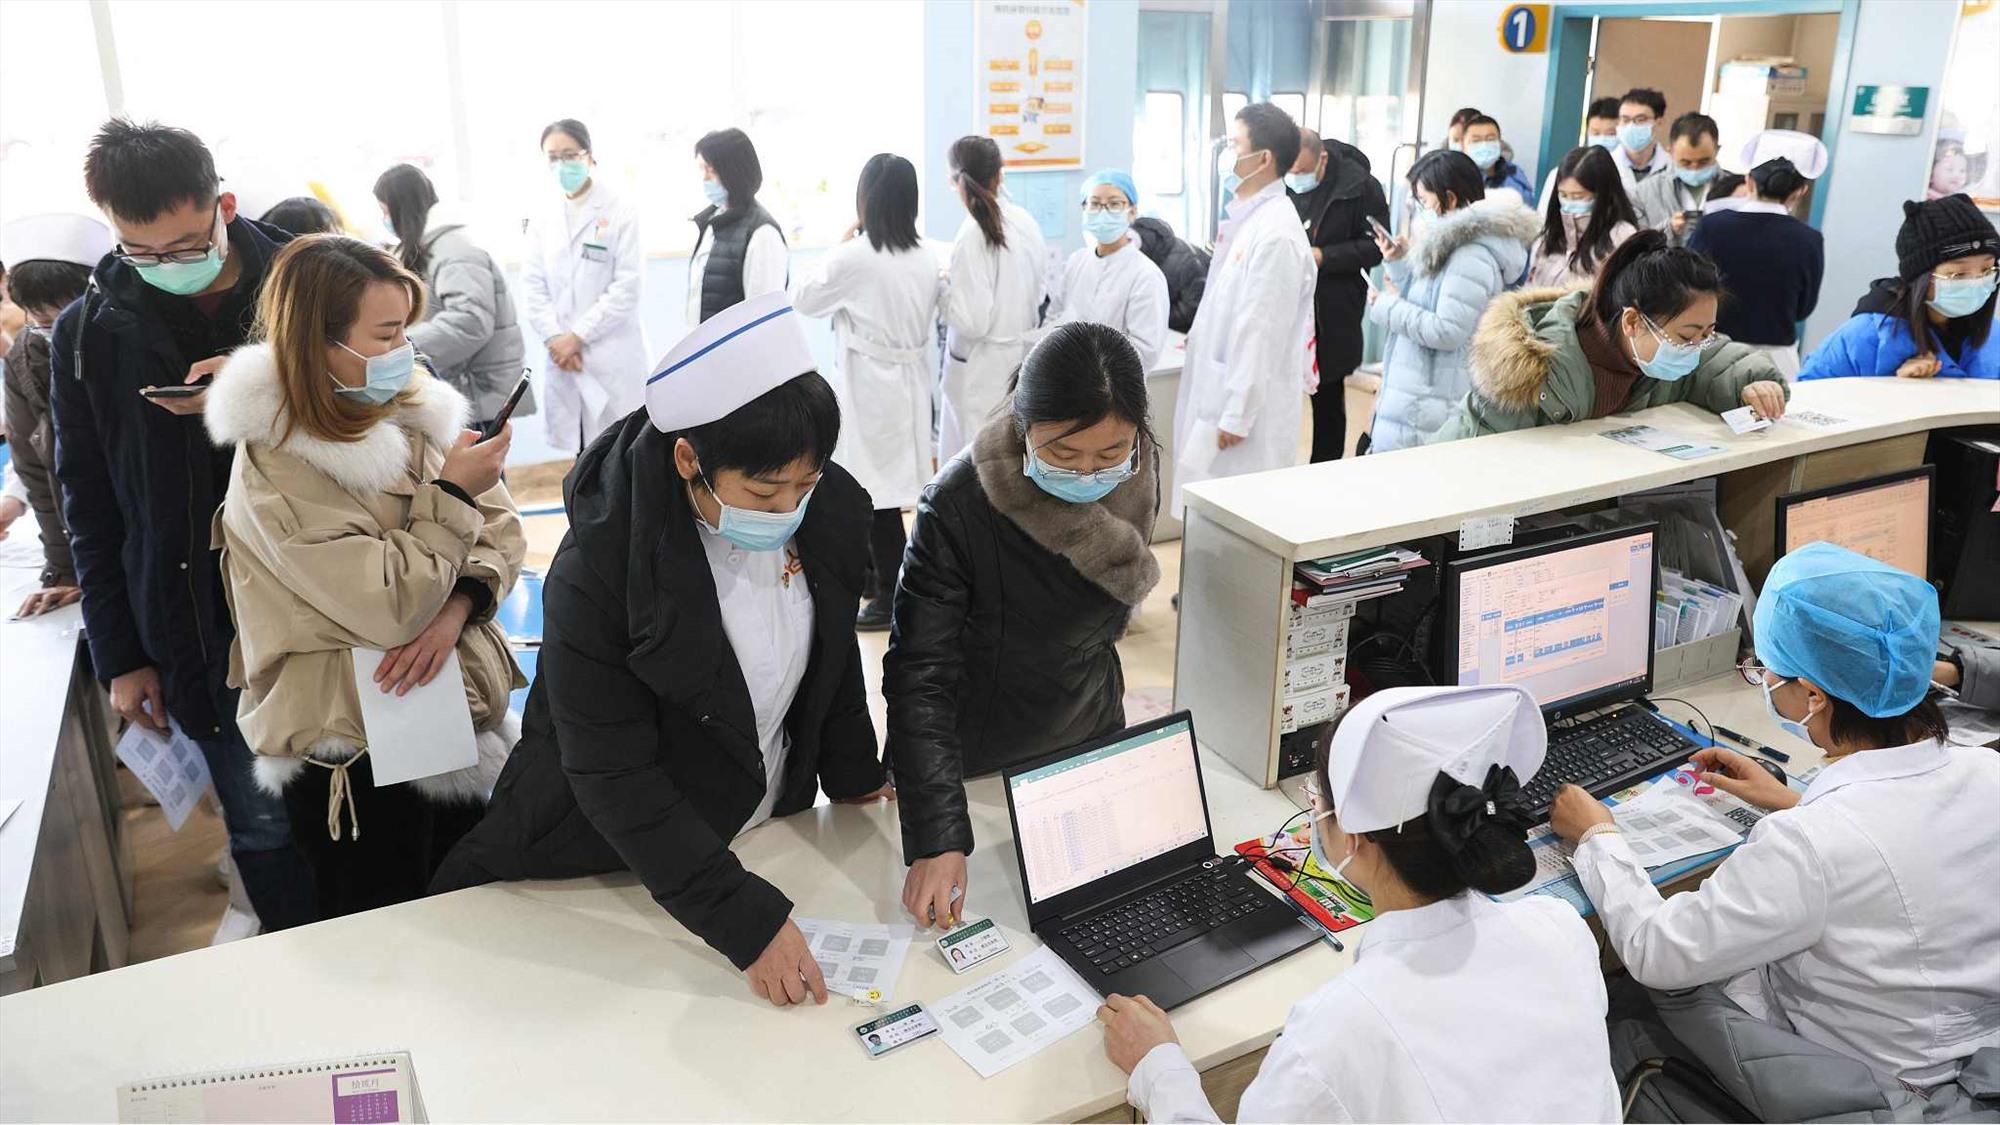 Trung Quốc dẩy mạnh chiến dịch tiêm phòng vắc xin Covid-19 cho hàng chục triệu người trước tết Nguyên đán 2012. Ảnh: CFP